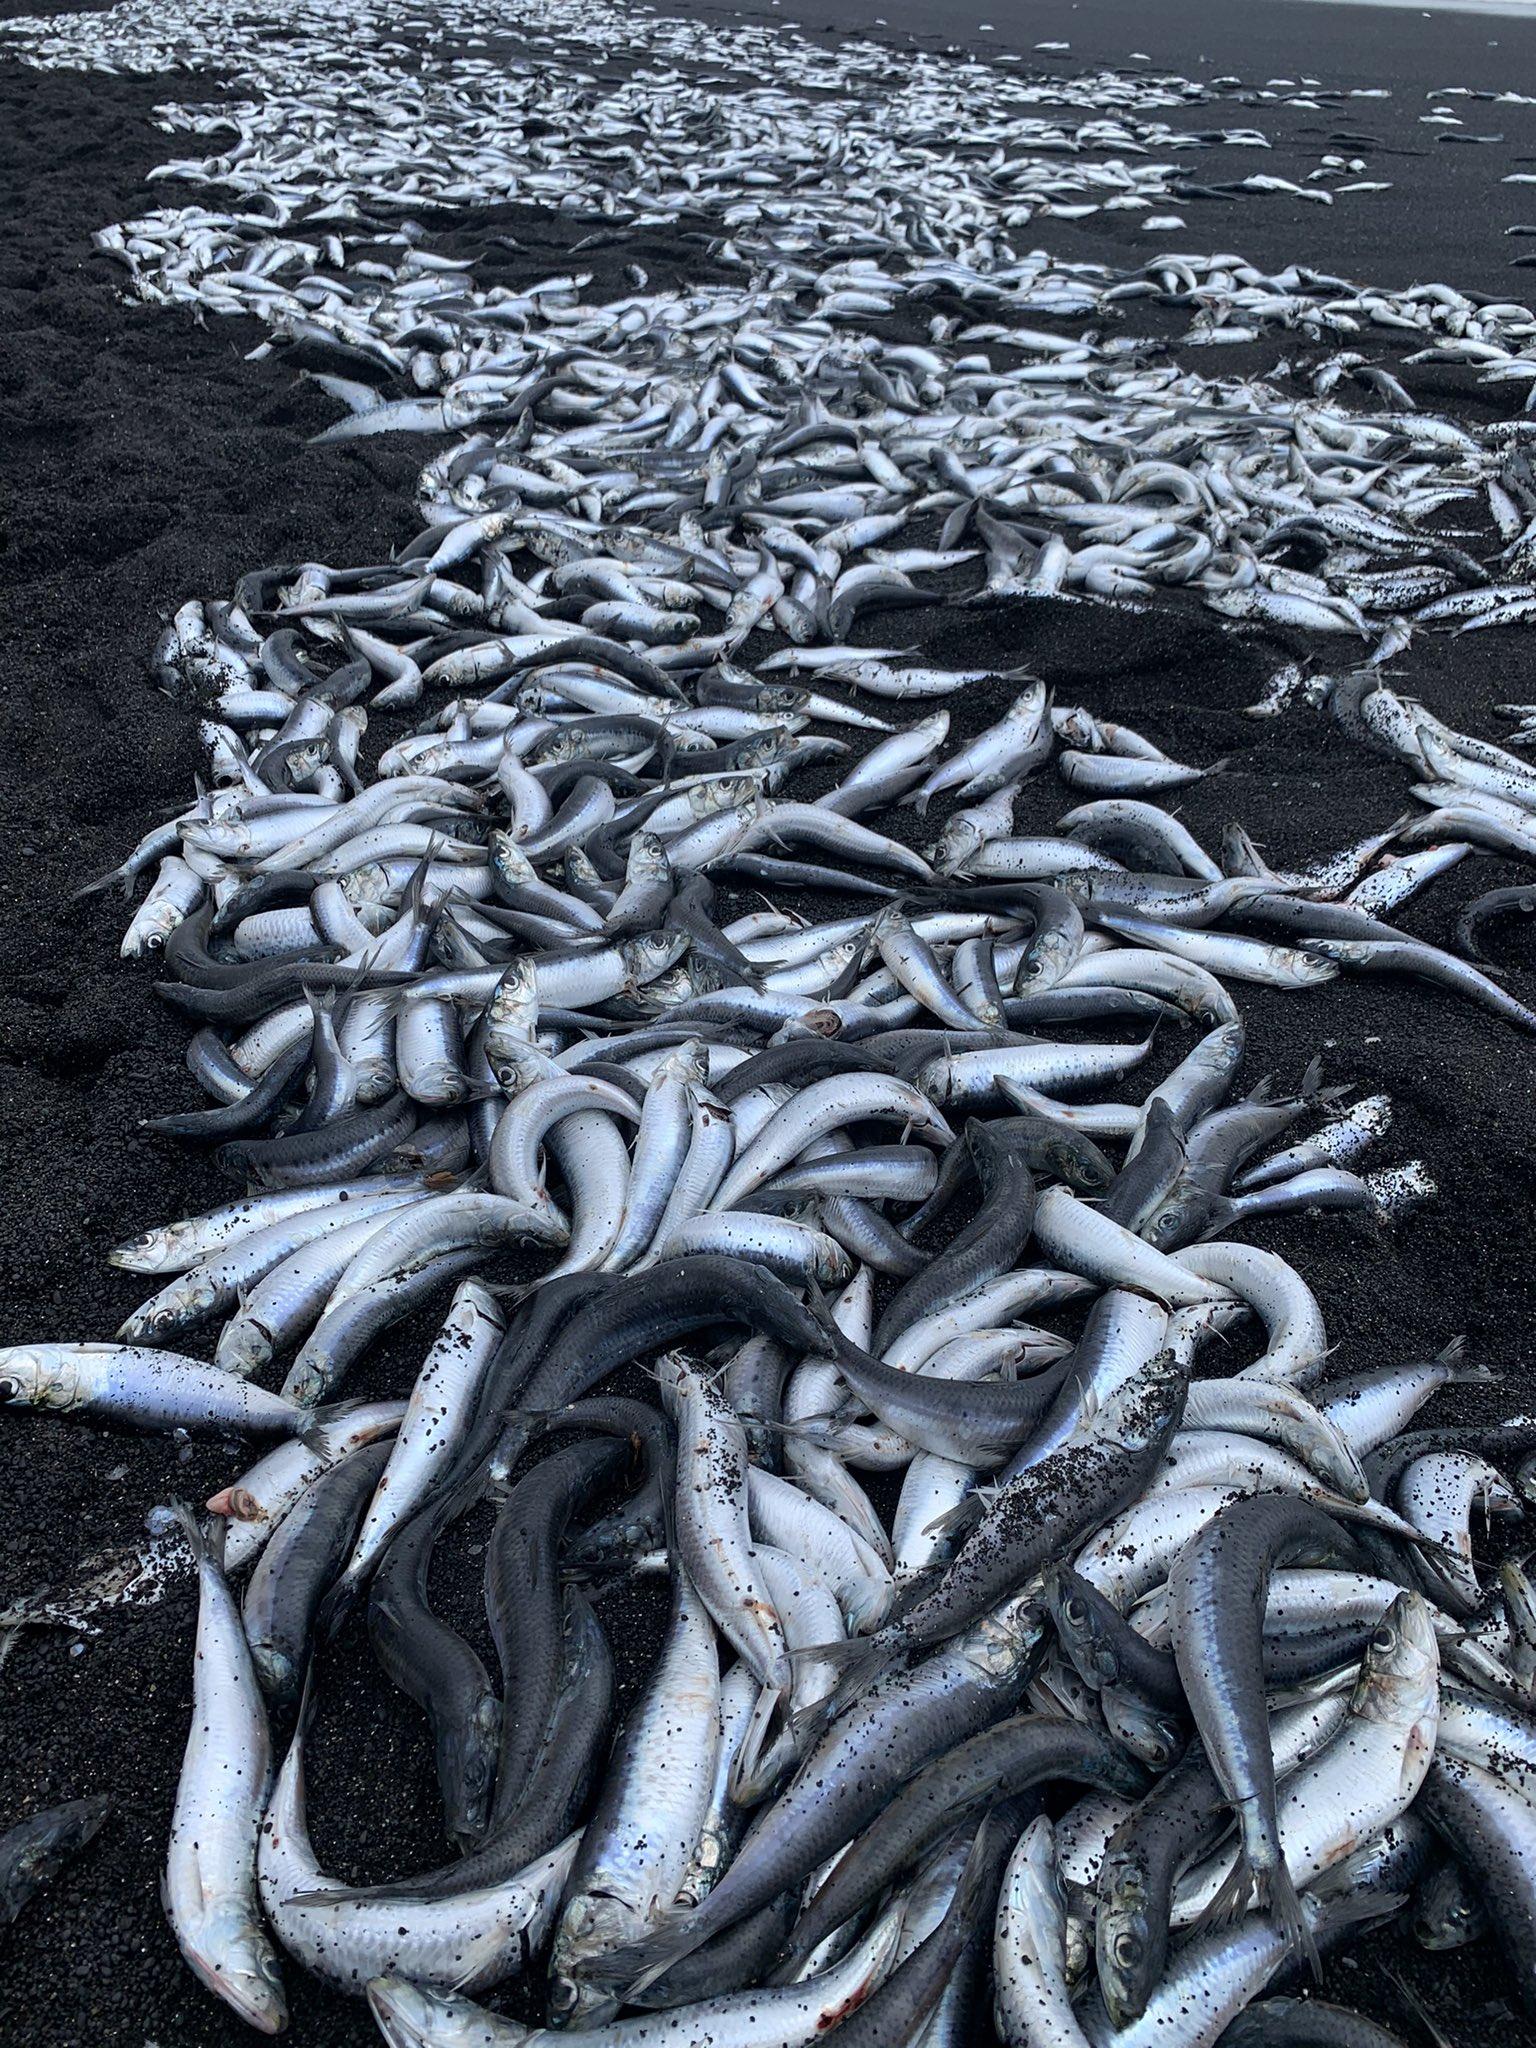 三宅島の魚が打ち上げられた海岸の画像